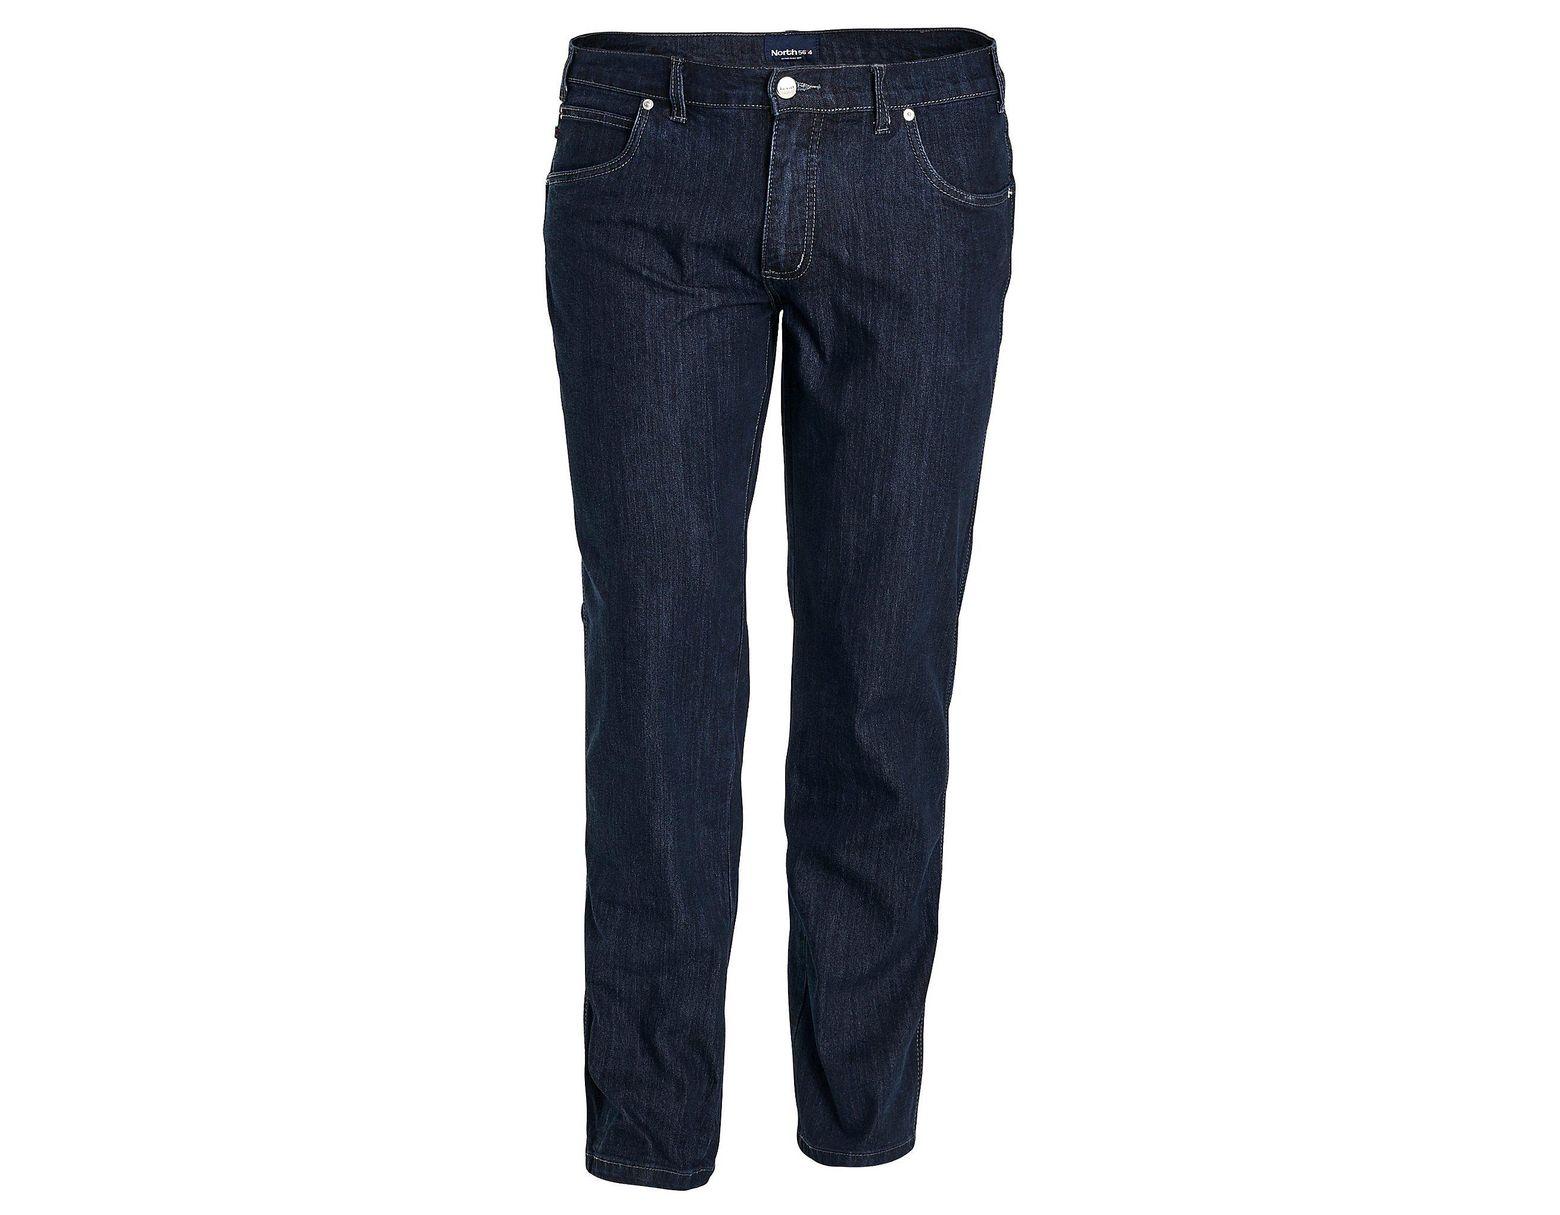 f664f885b514 North 56'4 North 56 4 Big & Tall Mick Denim Jeans in Blue for Men - Lyst